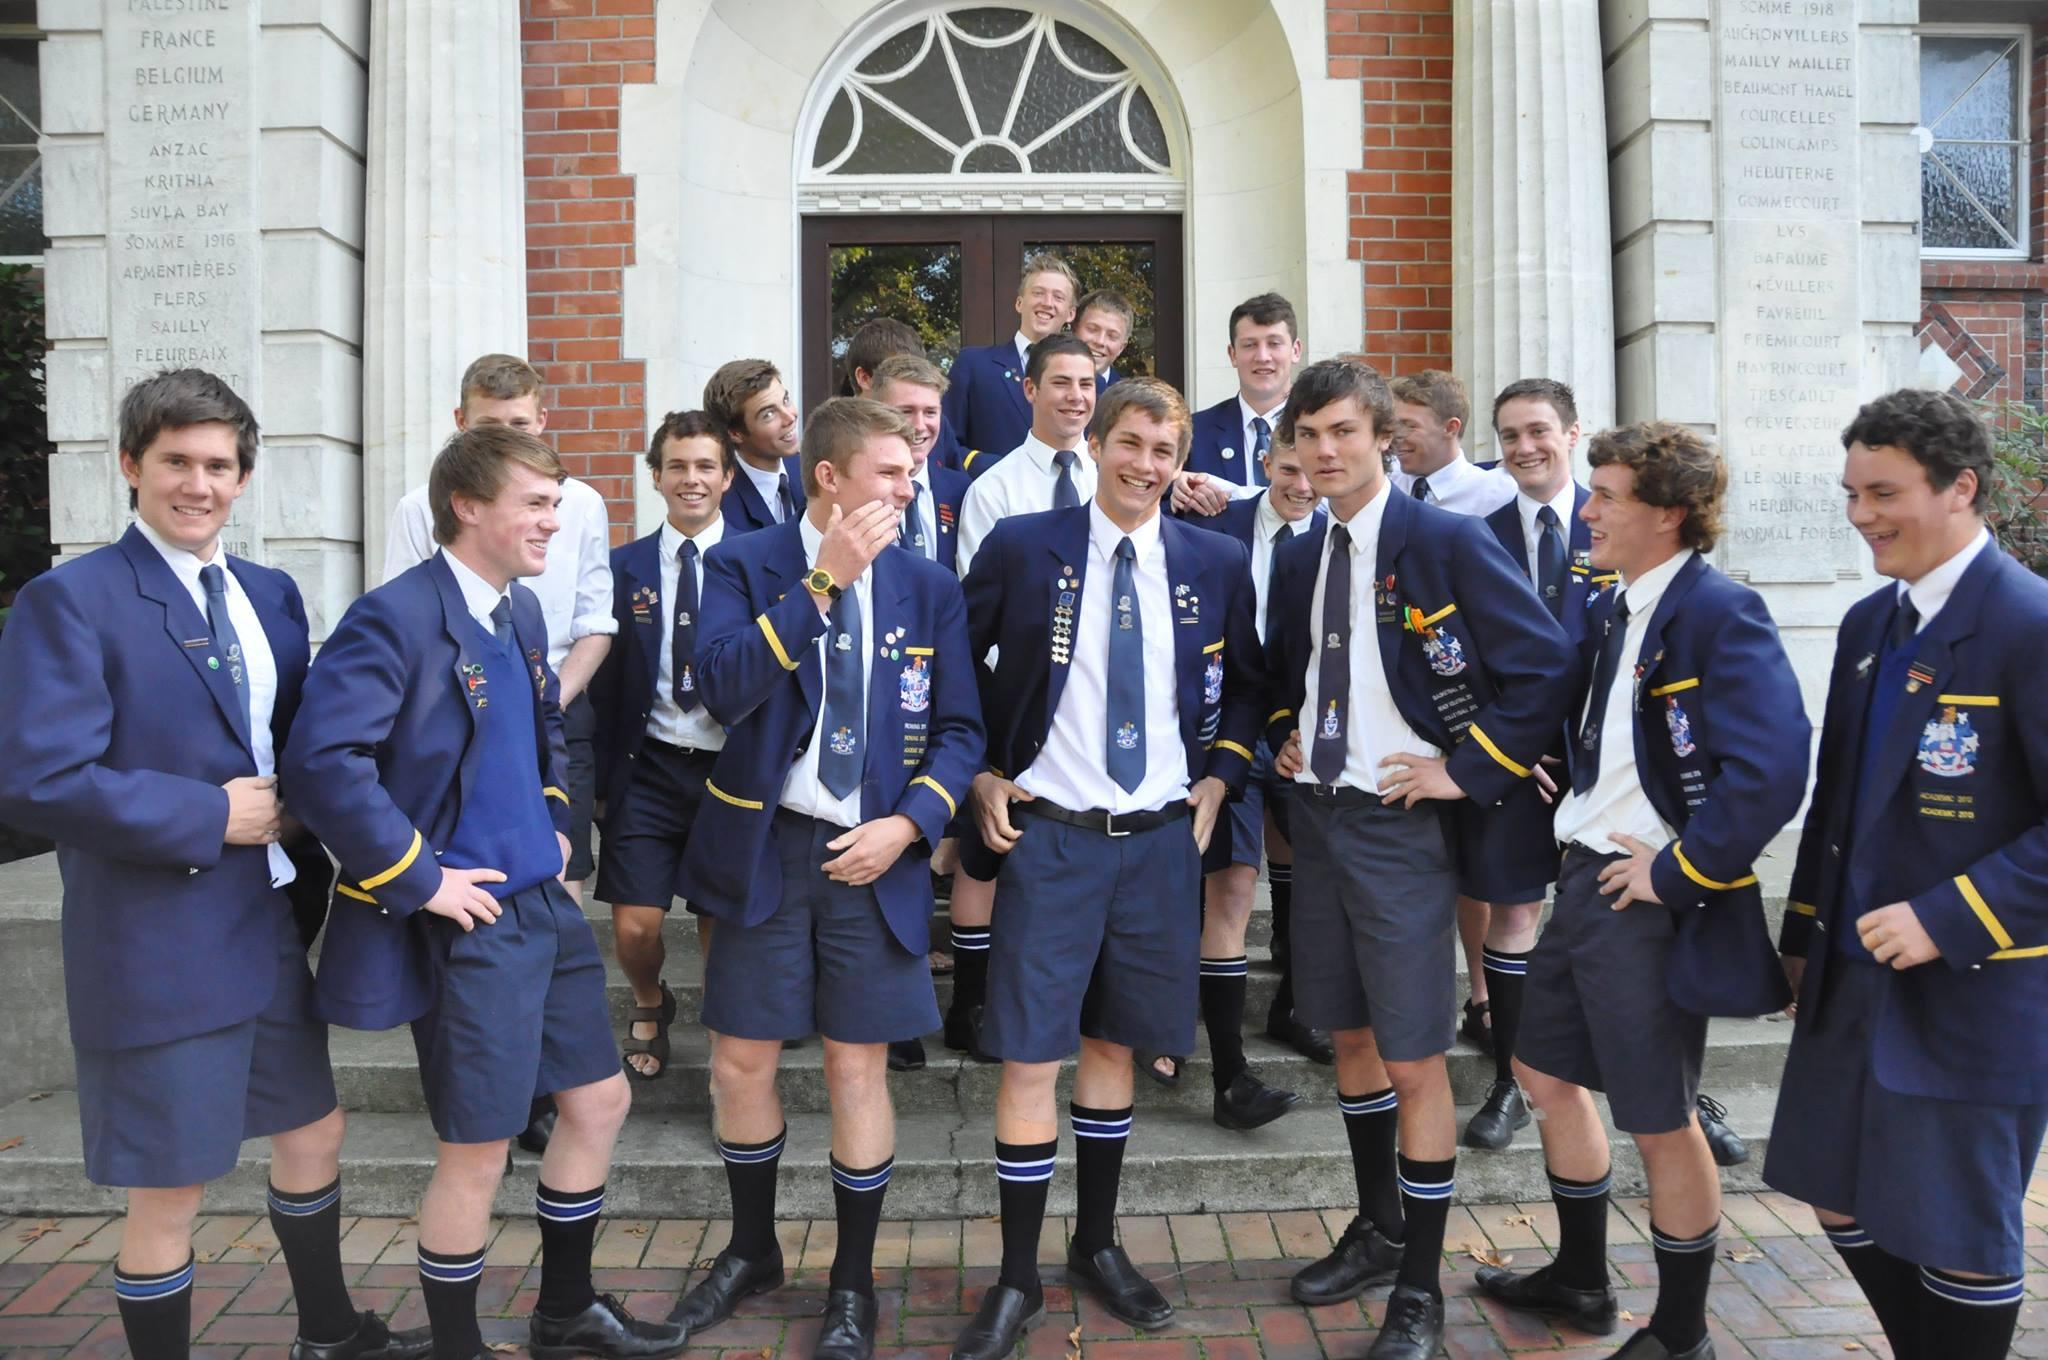 ティマルボーイズ・ハイスクール(ティマル)/ Timaru Boys' High School